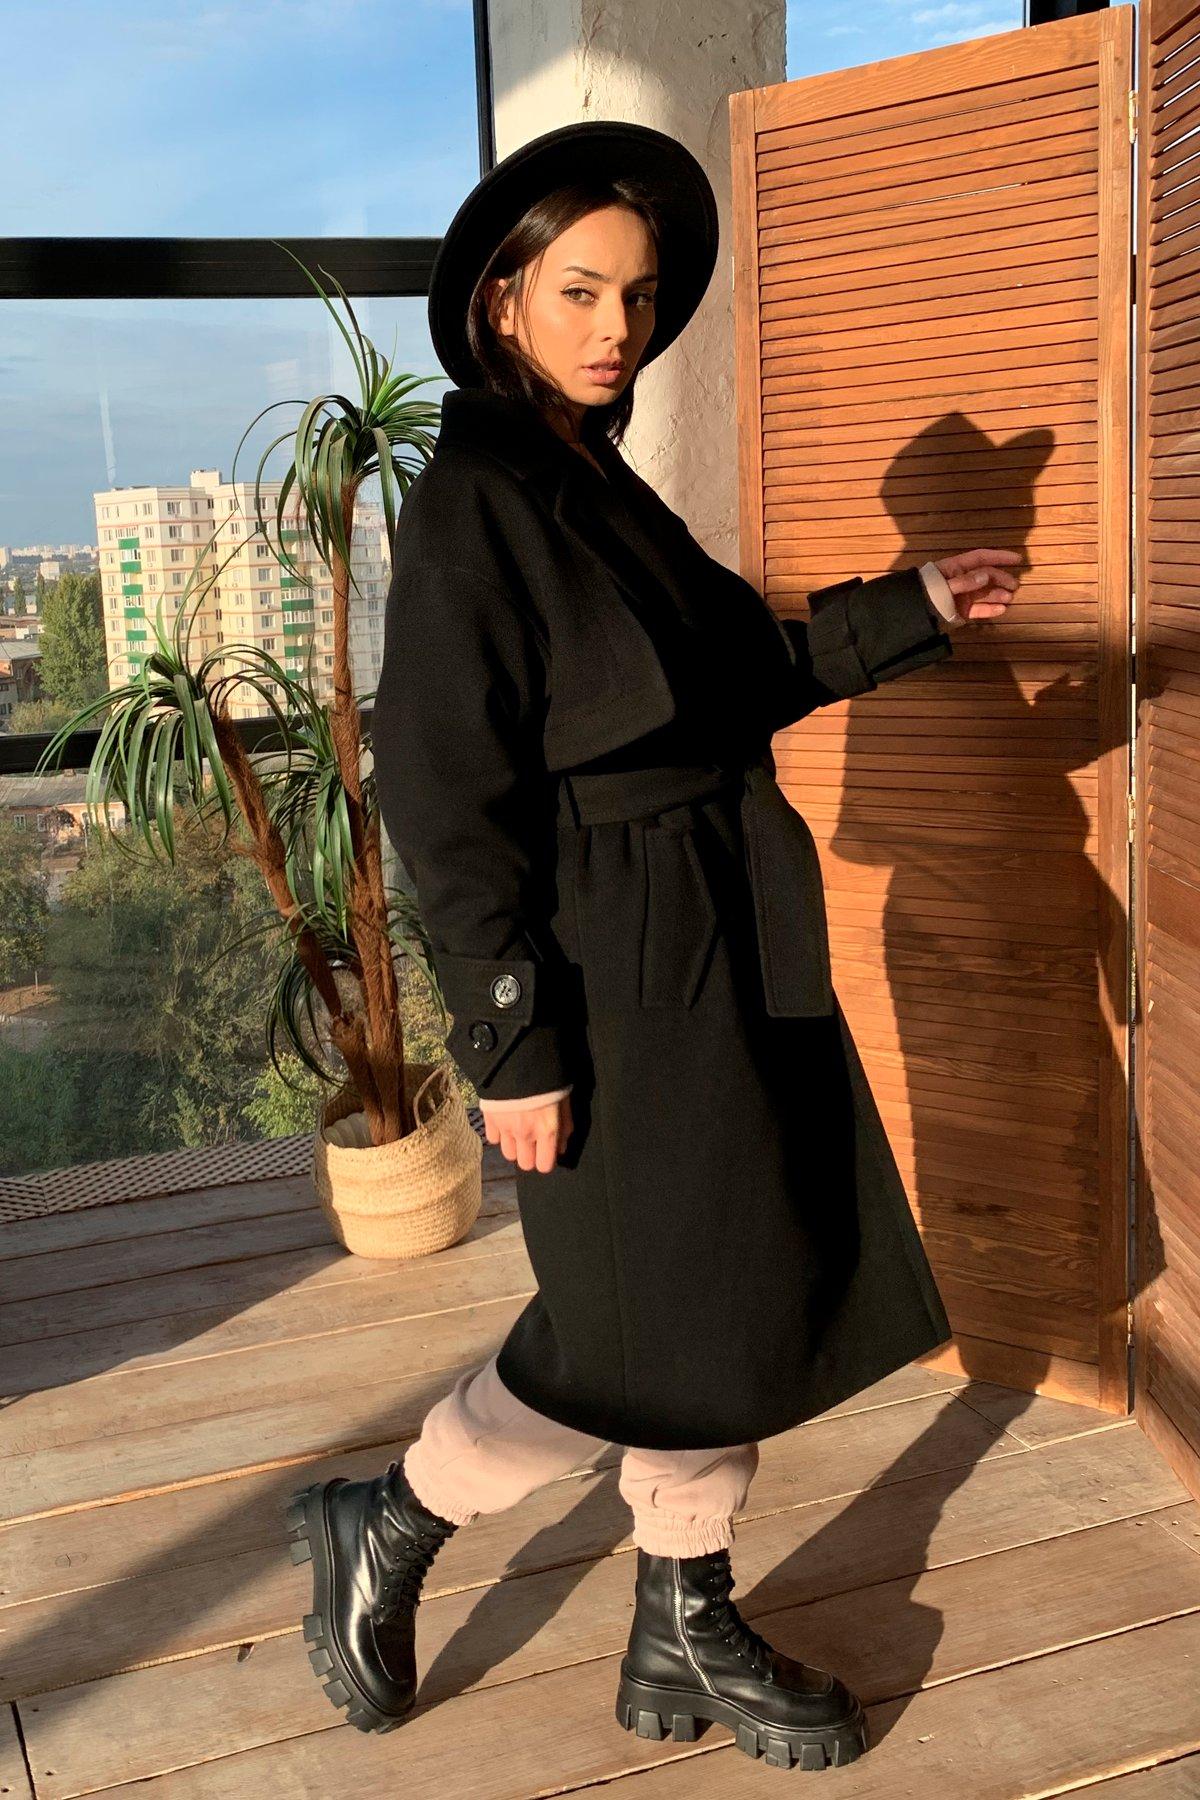 Твин макси кашемир китай пальто 9953 АРТ. 46242 Цвет: Черный - фото 11, интернет магазин tm-modus.ru